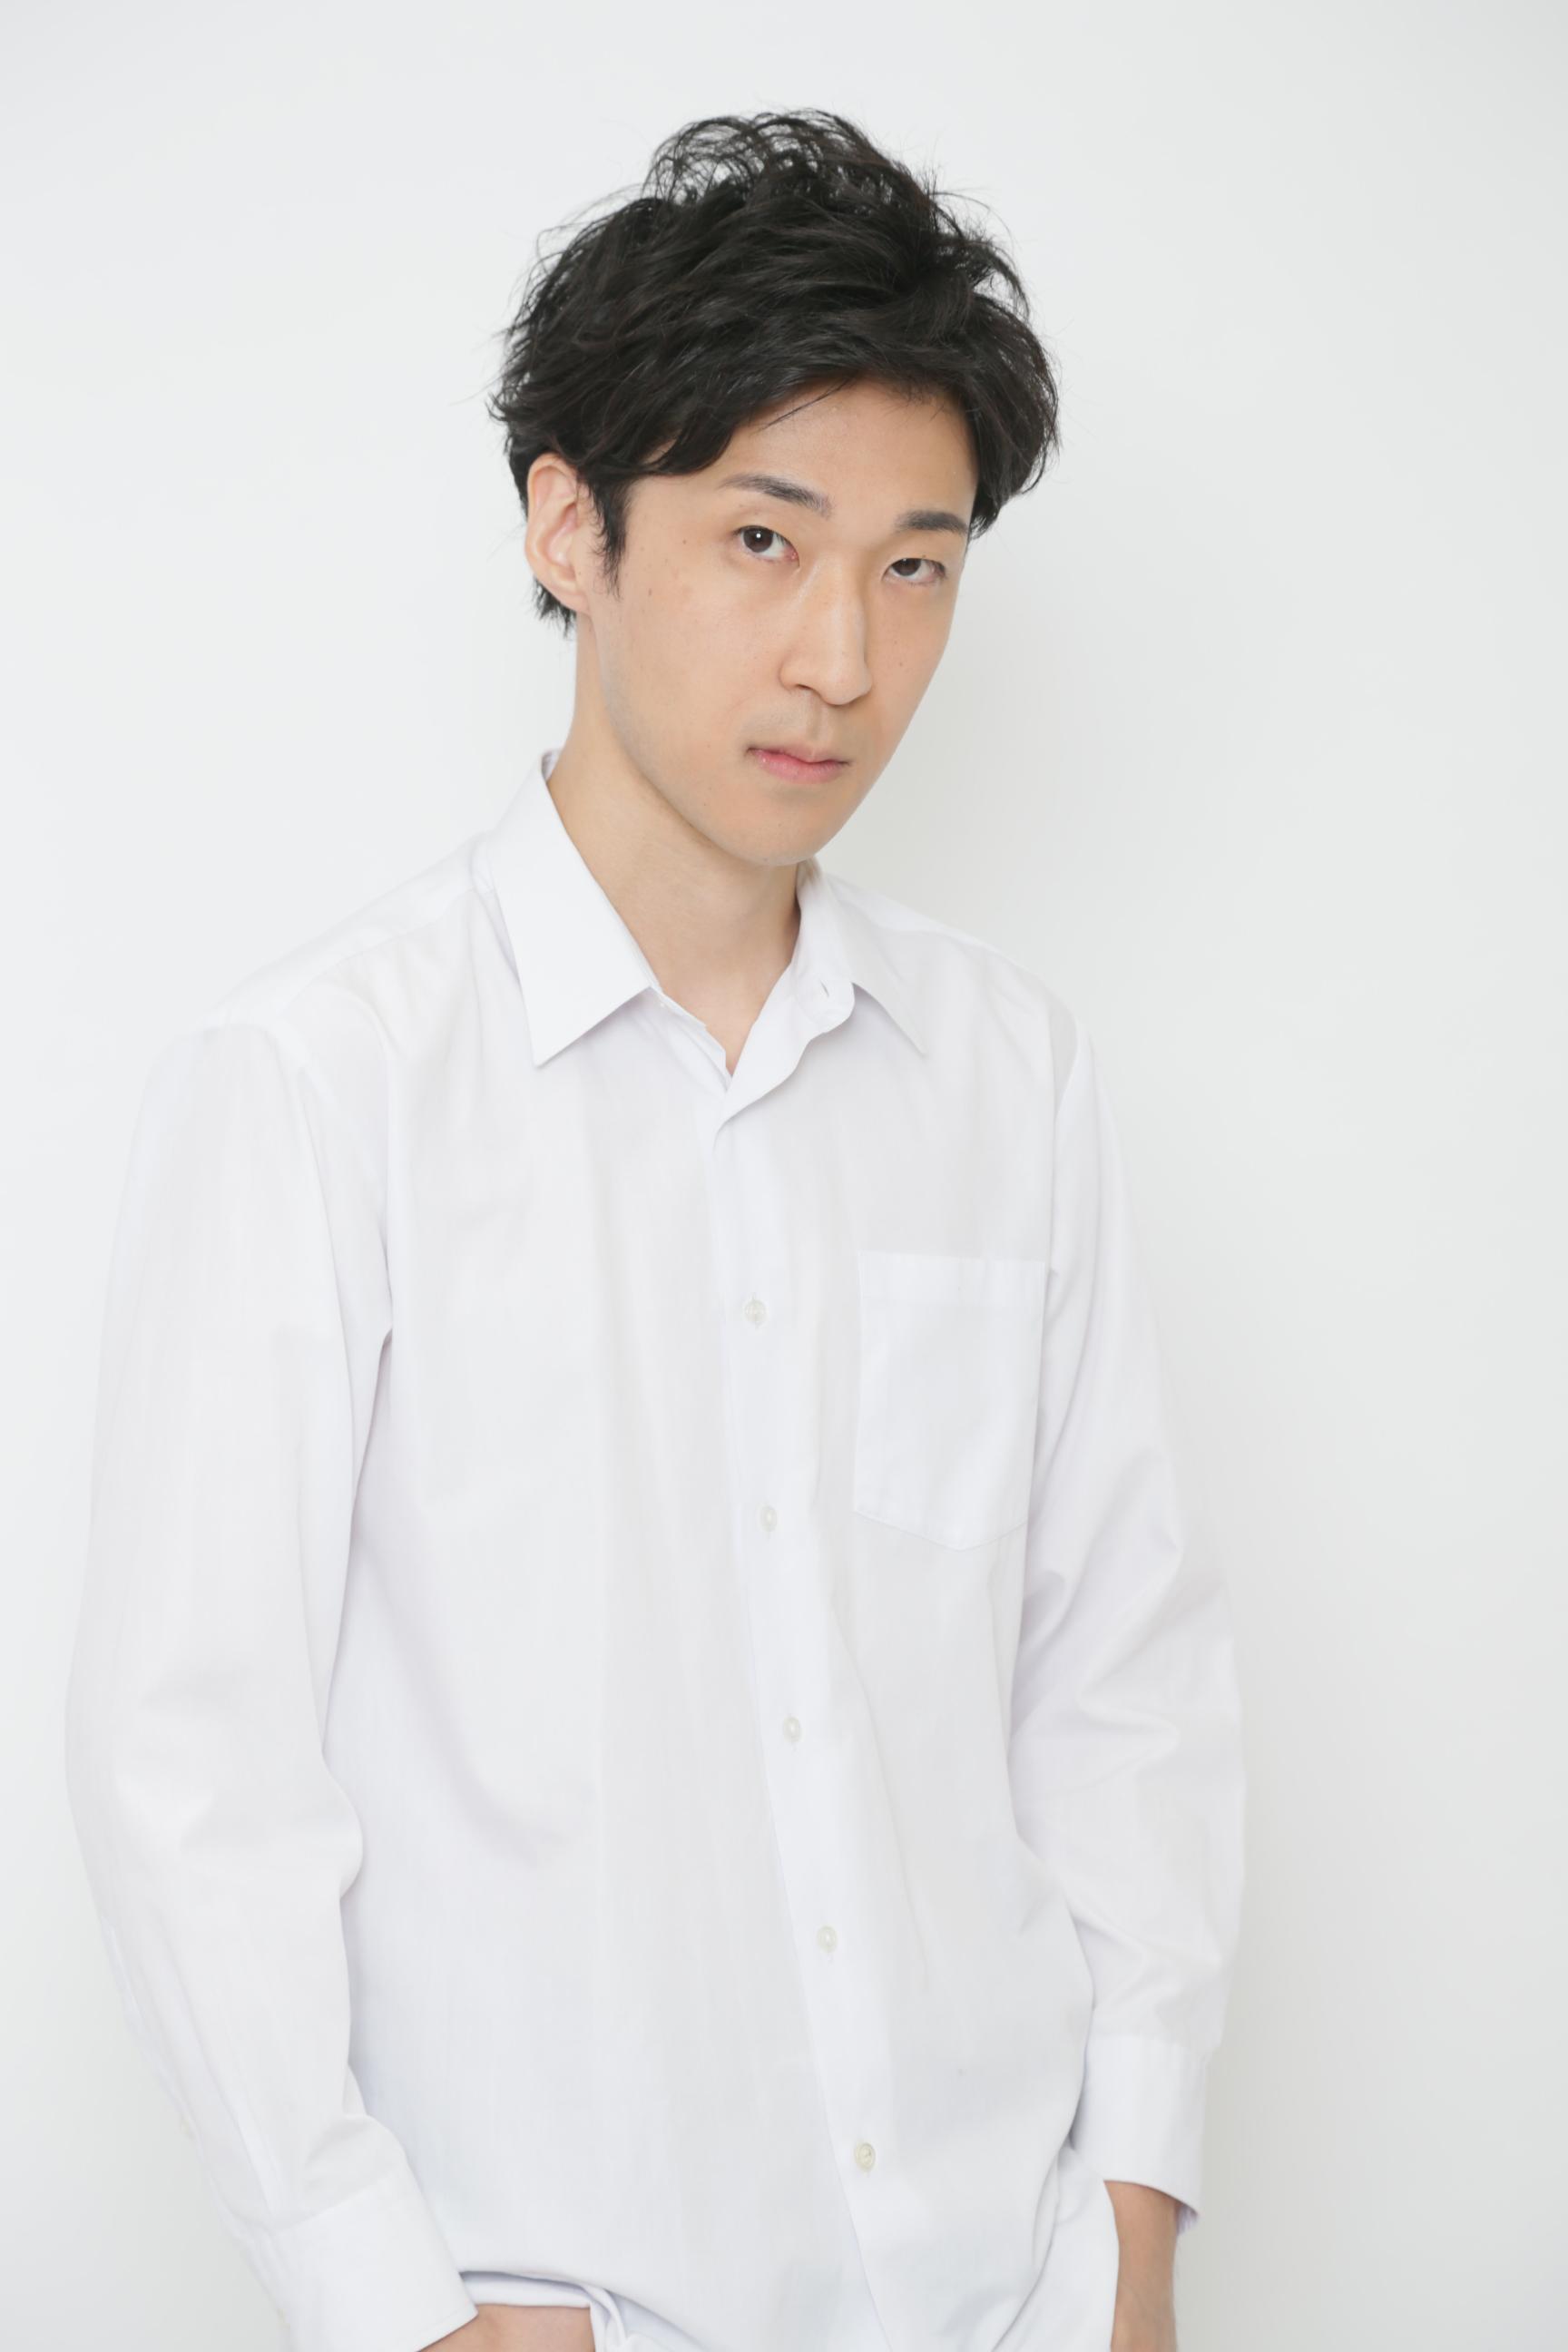 飯田隆裕     Iida Takahiro